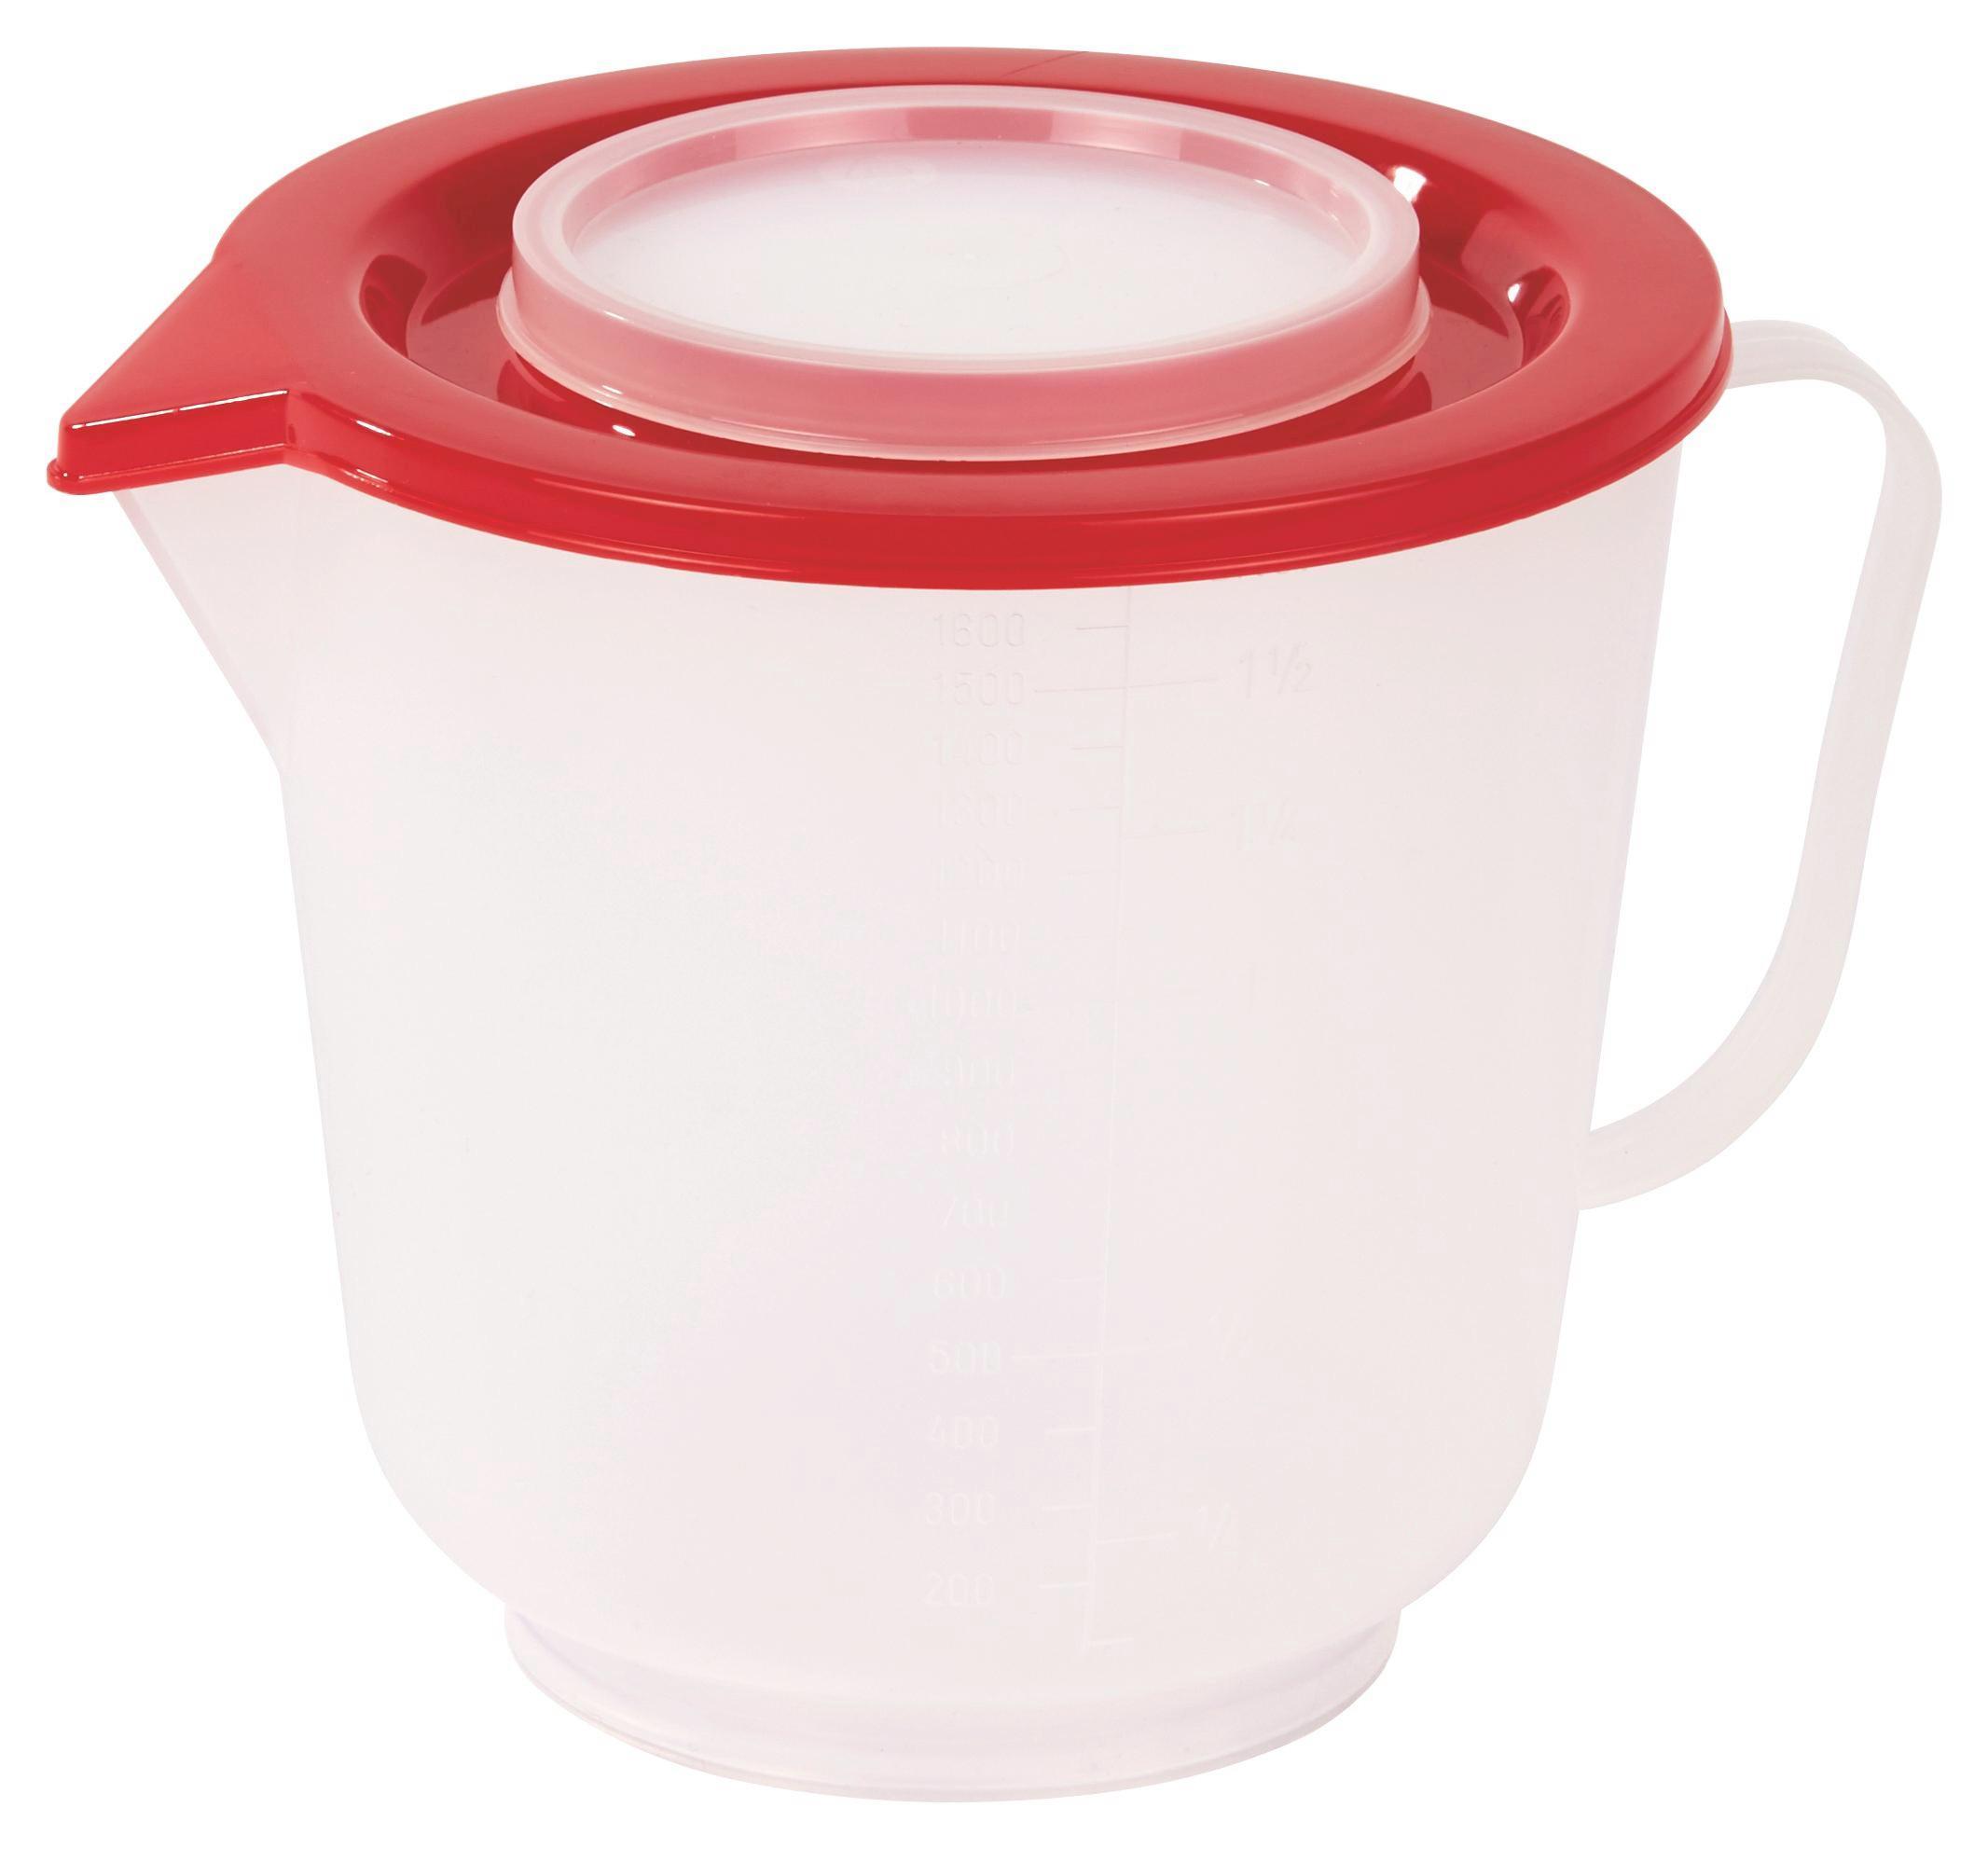 Keverőtál Fedővel - natúr színek/piros, konvencionális, műanyag (14.5/14.5cm)